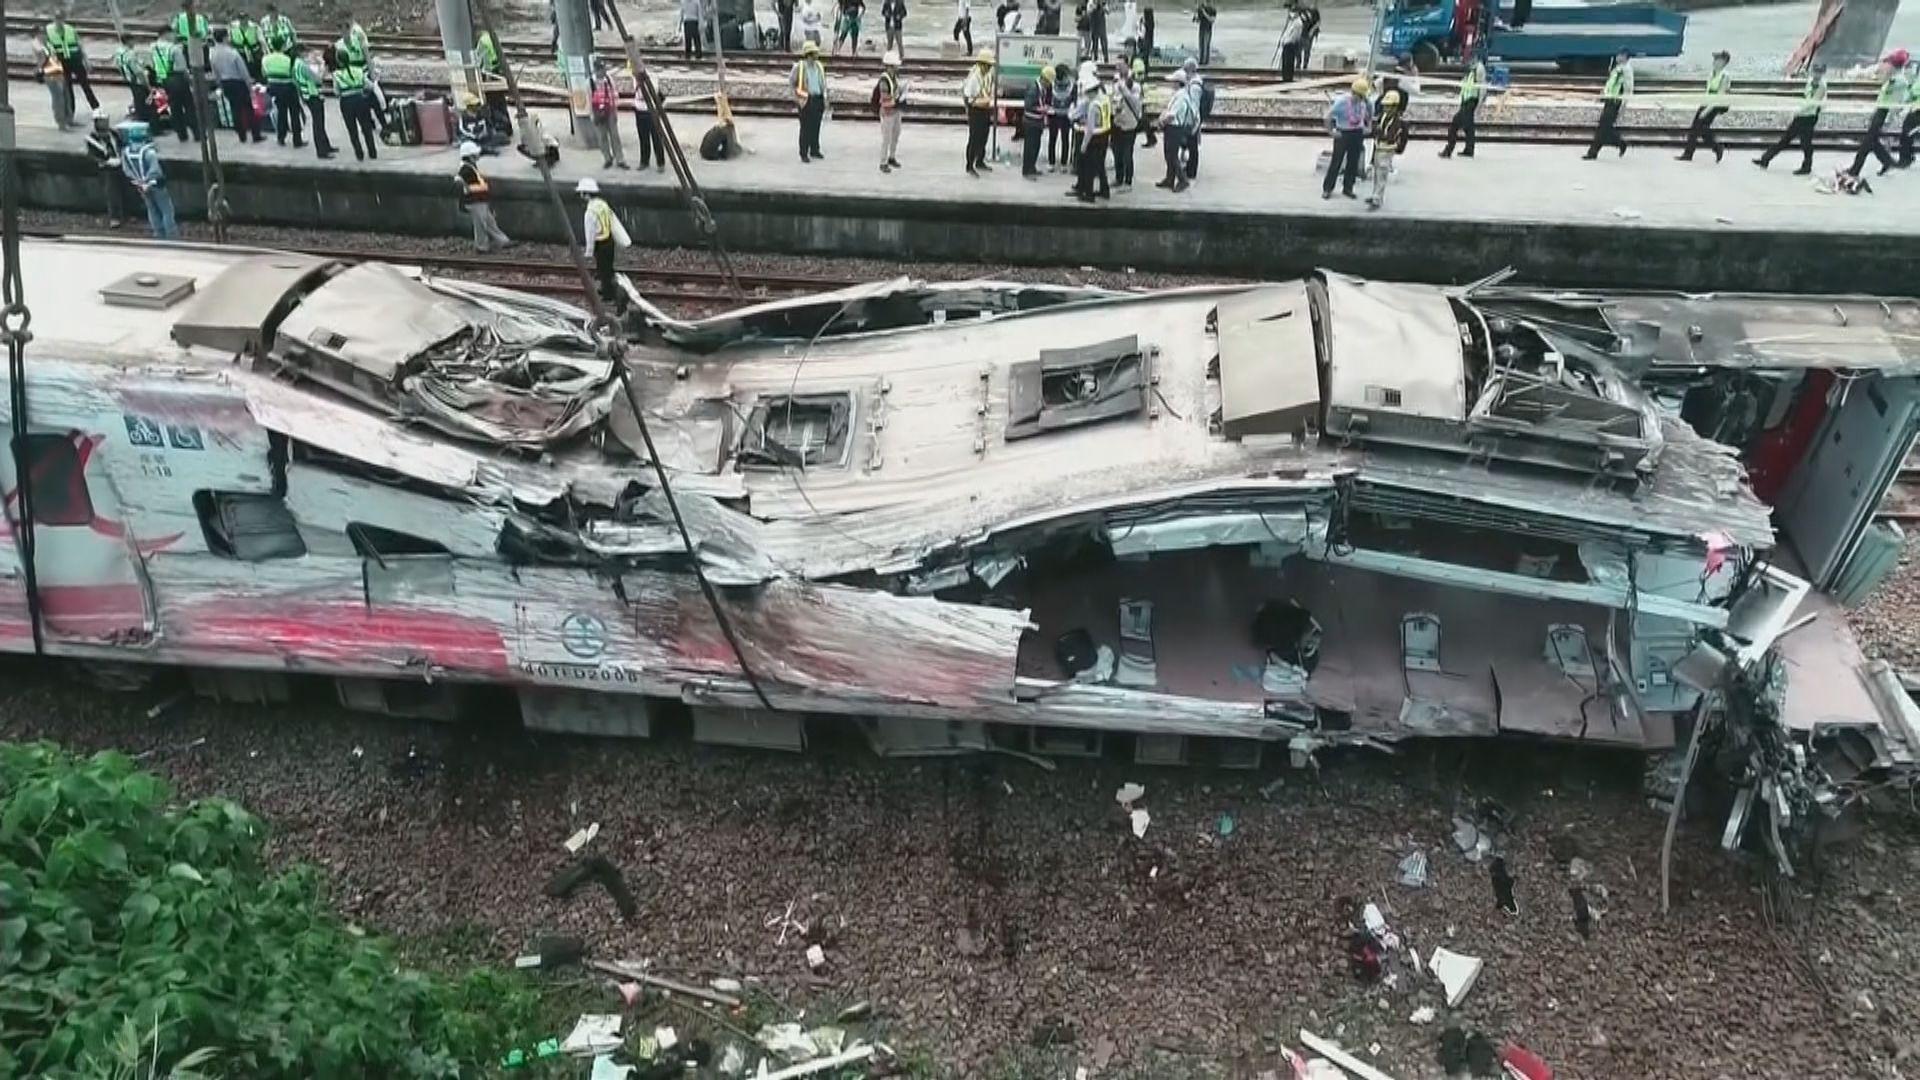 初步調查認為普悠瑪轉彎超速導致事故